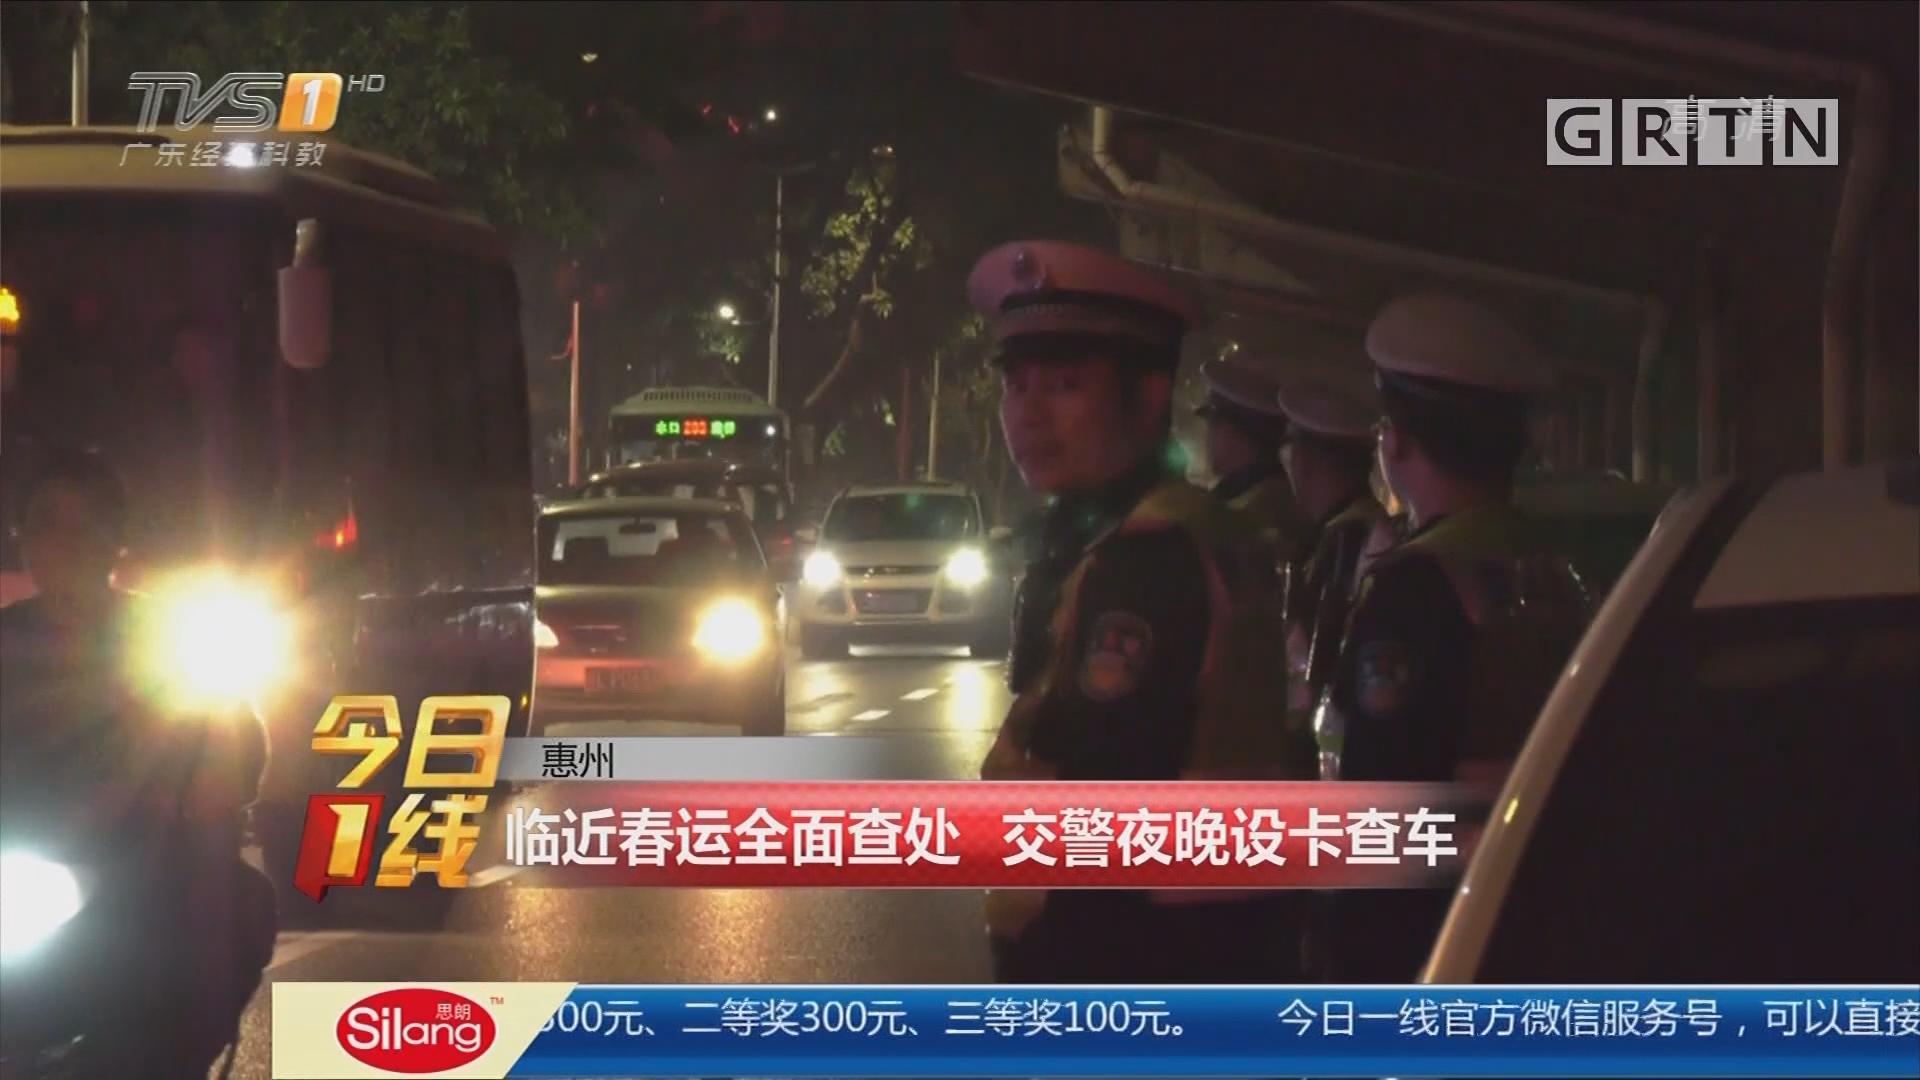 惠州:临近春运全面查处 交警夜晚设卡查车